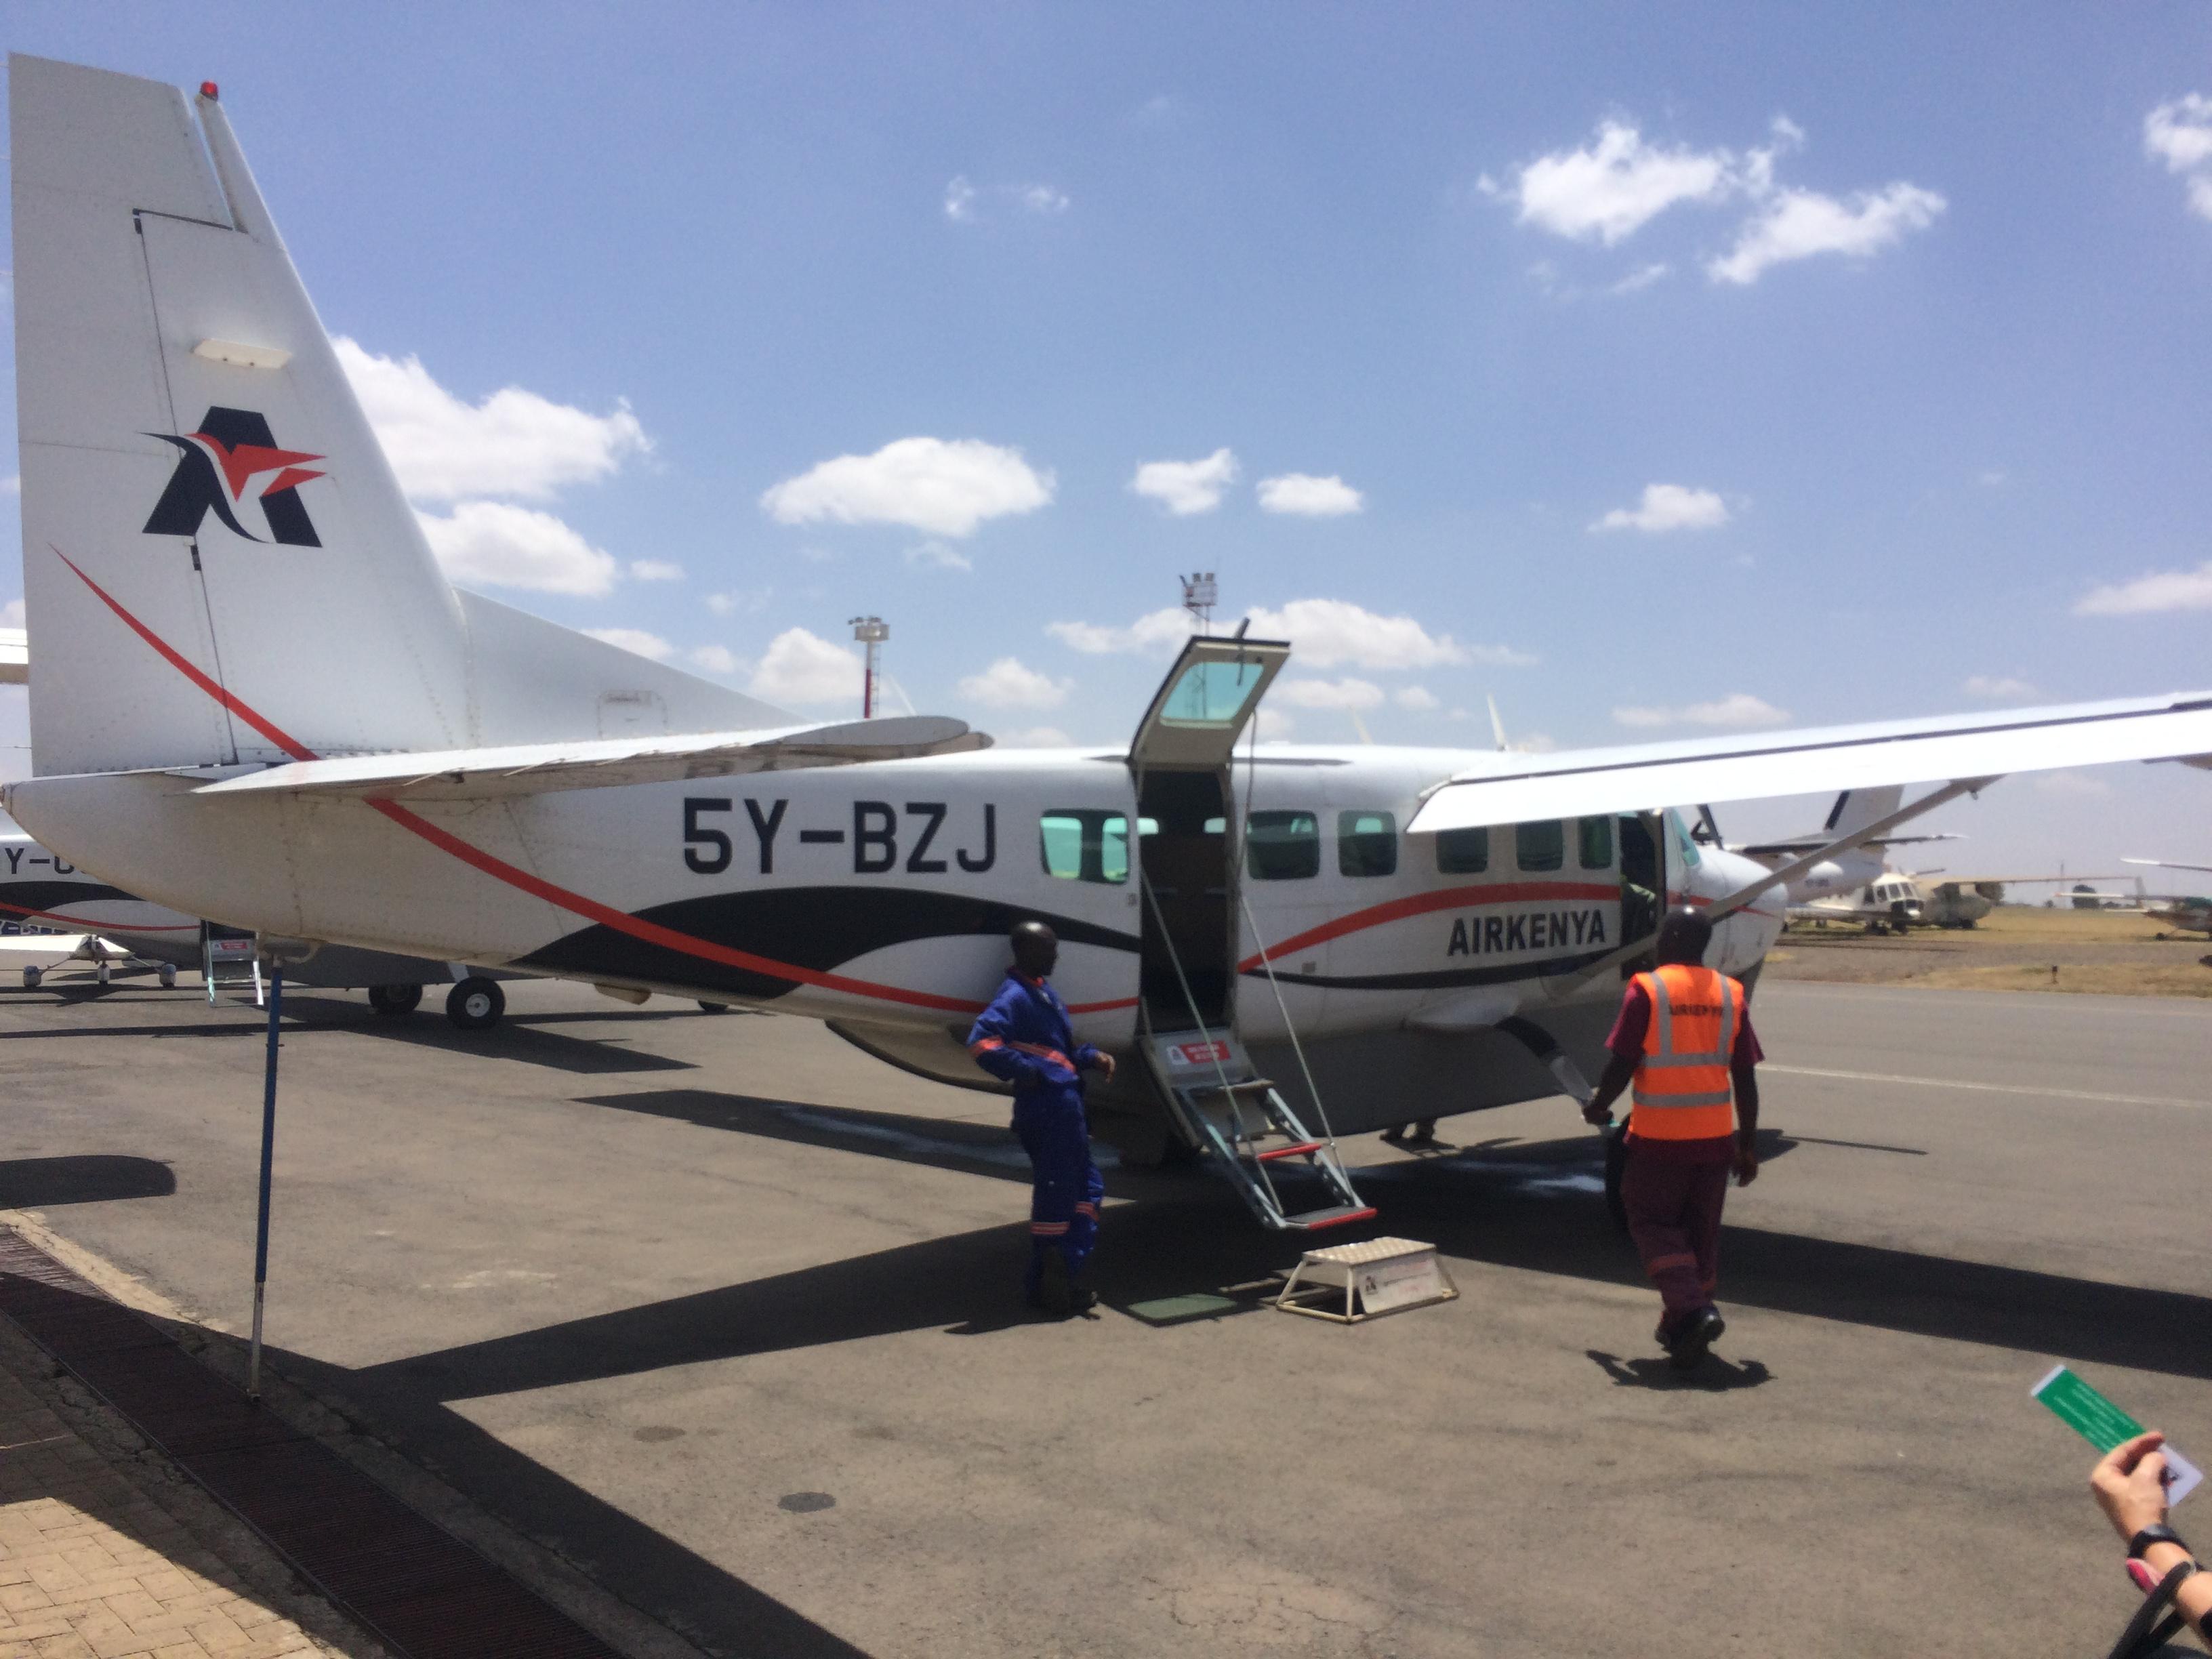 Air Kenya flight to Masai Mara